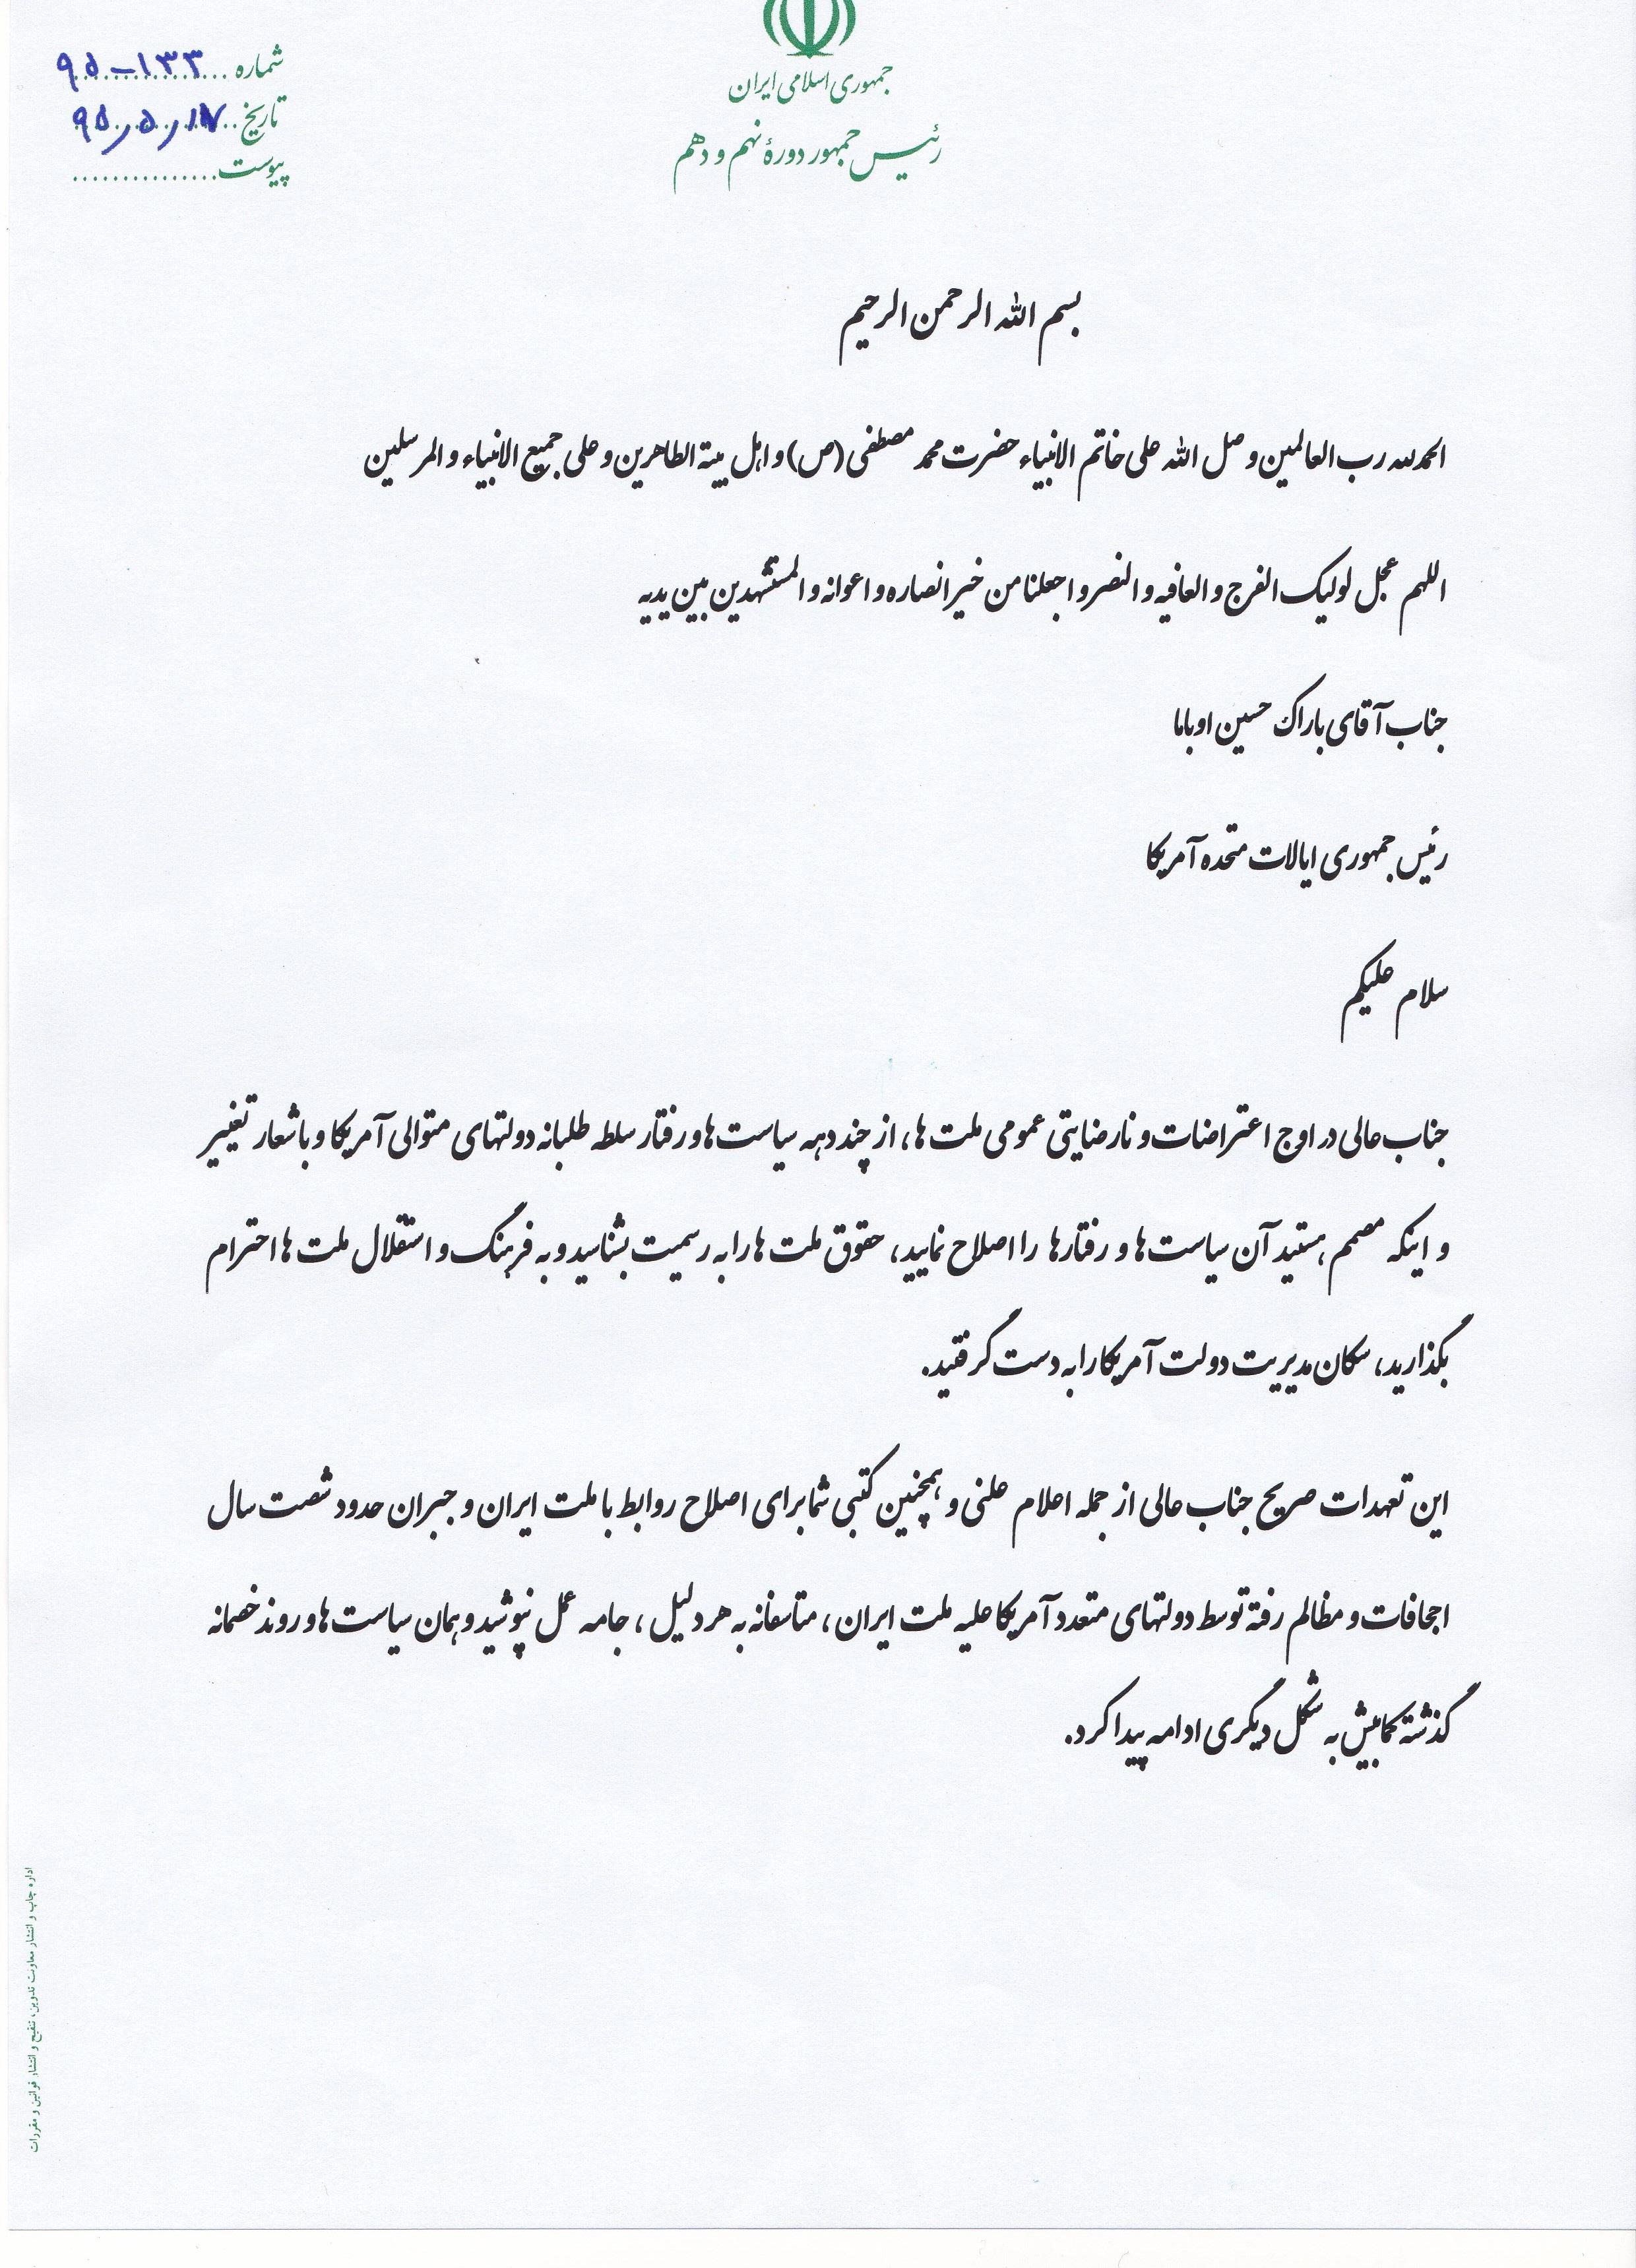 جزئیات نامه احمدینژاد به اوباما منتشر شد+ تصاویر نامه